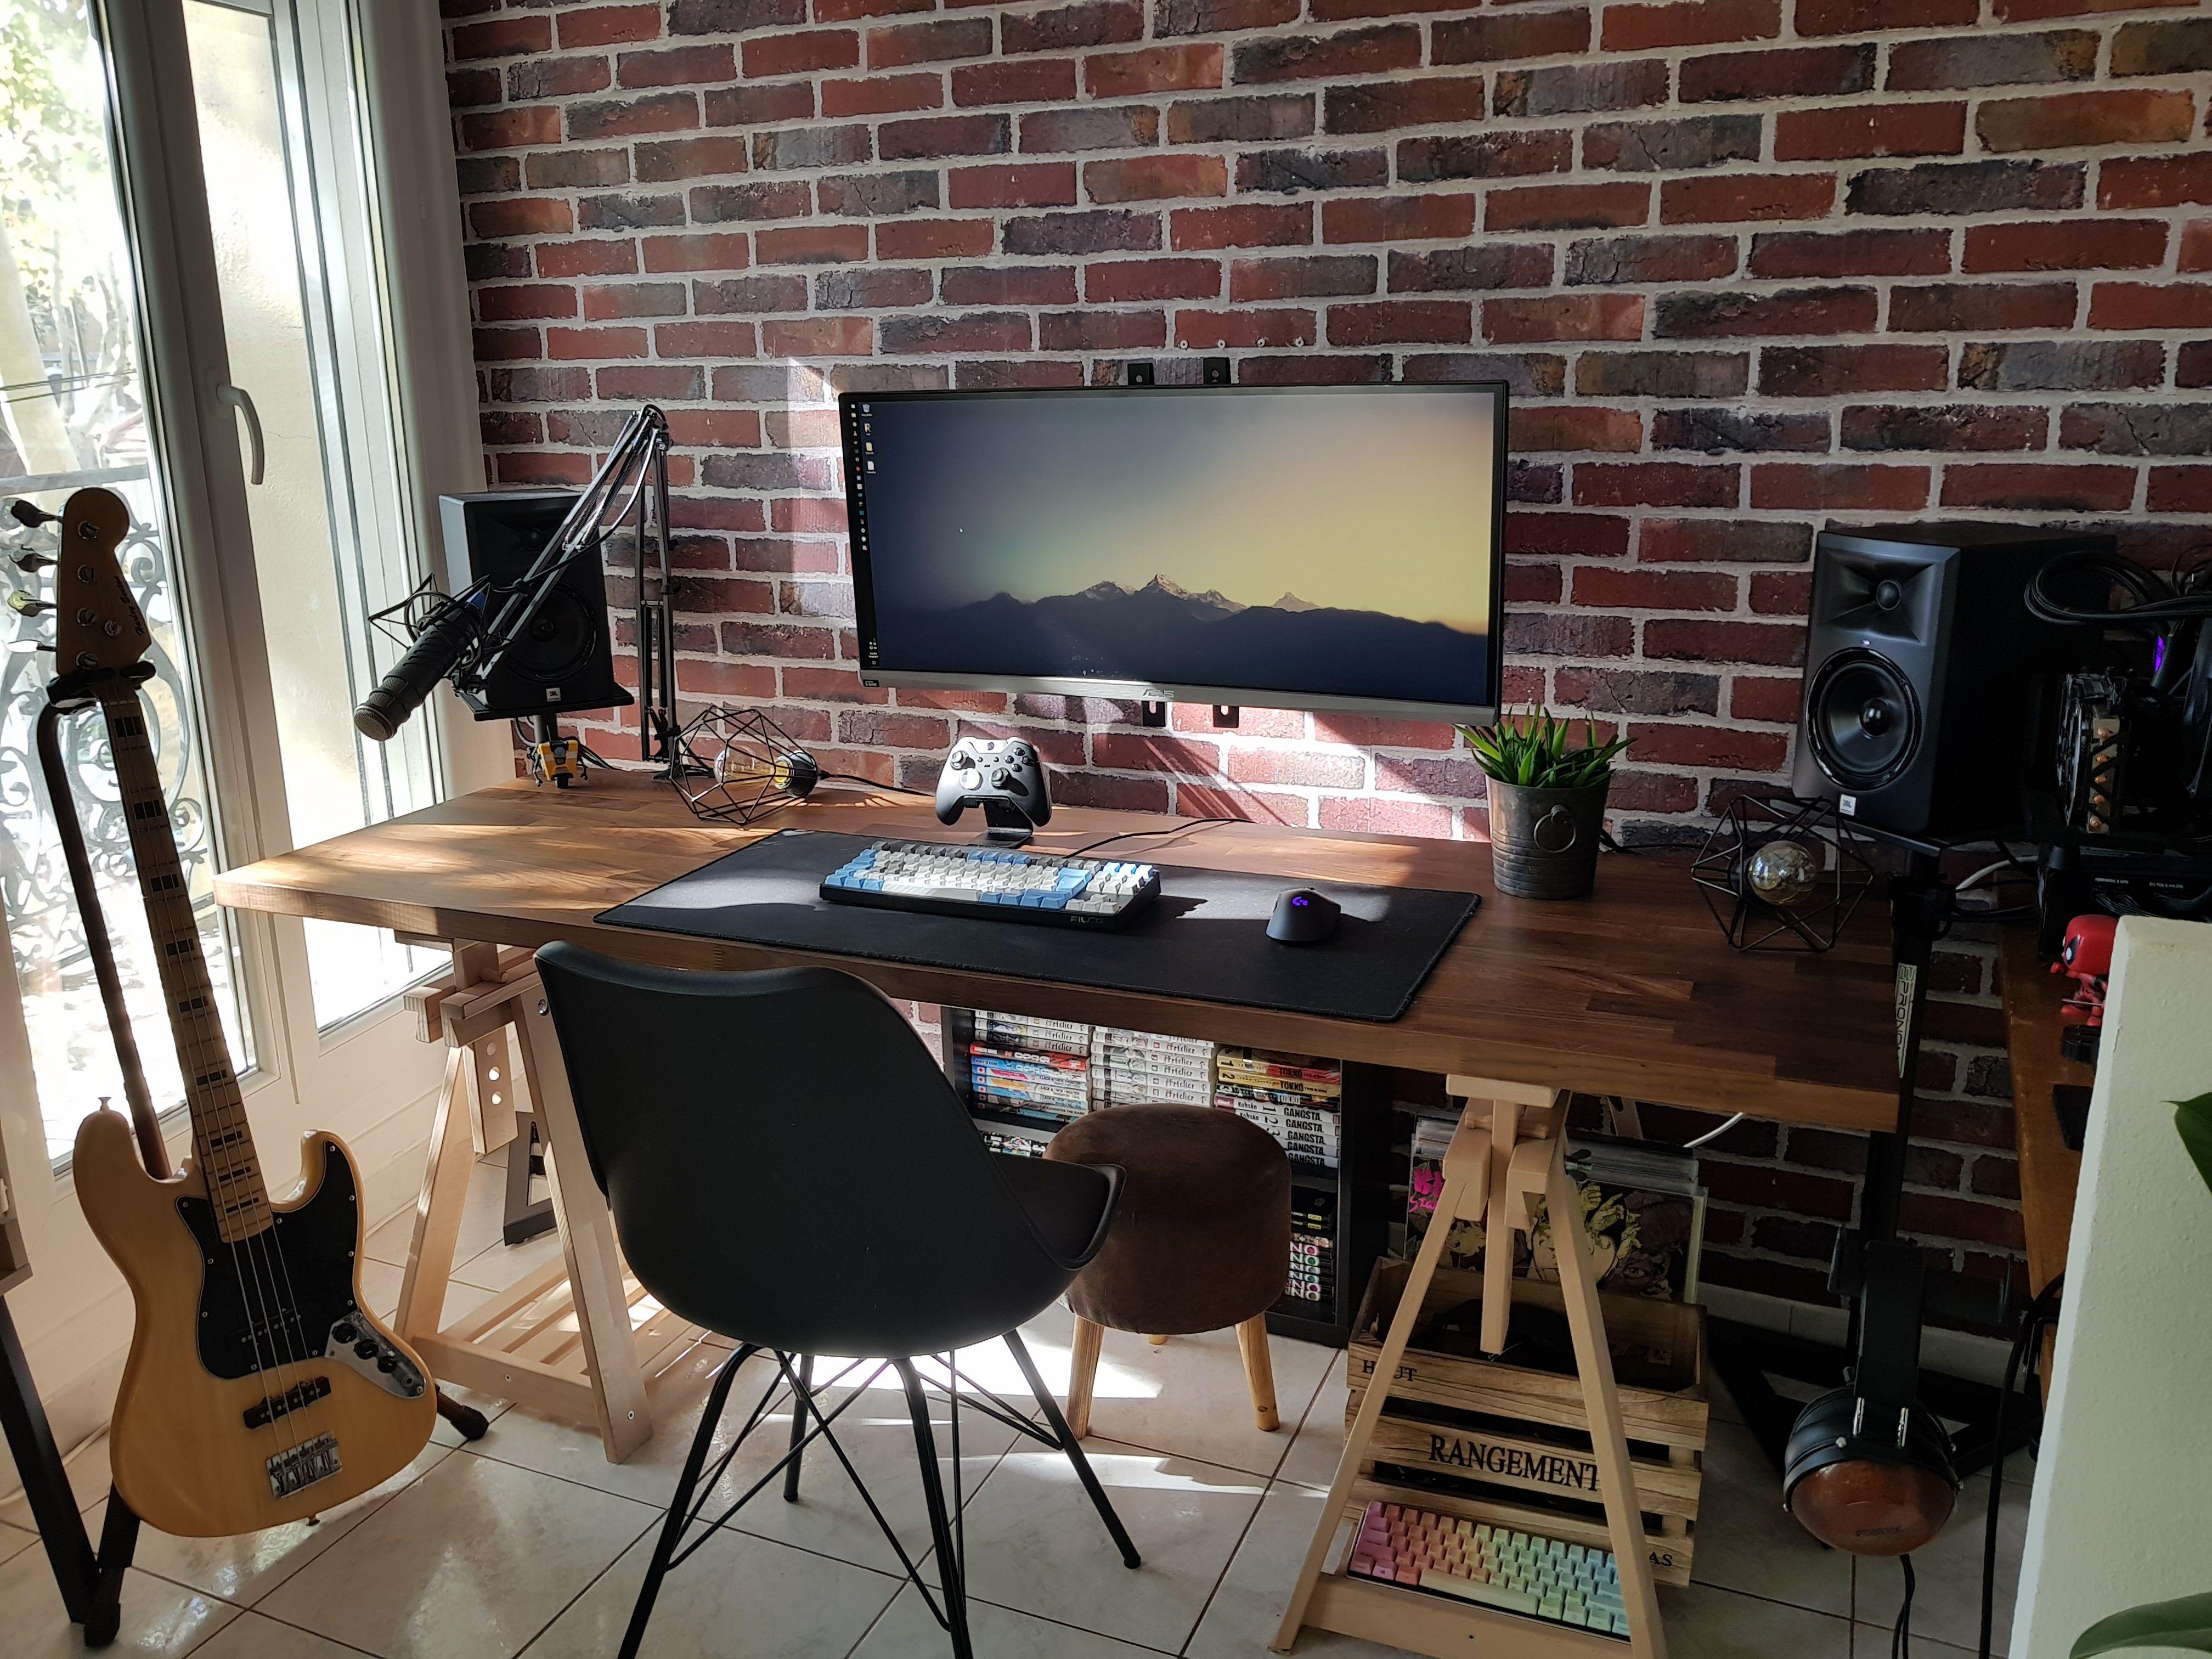 Living Room Battlestation Done Album On Imgur Home Office Setup Room Setup Gaming Room Setup